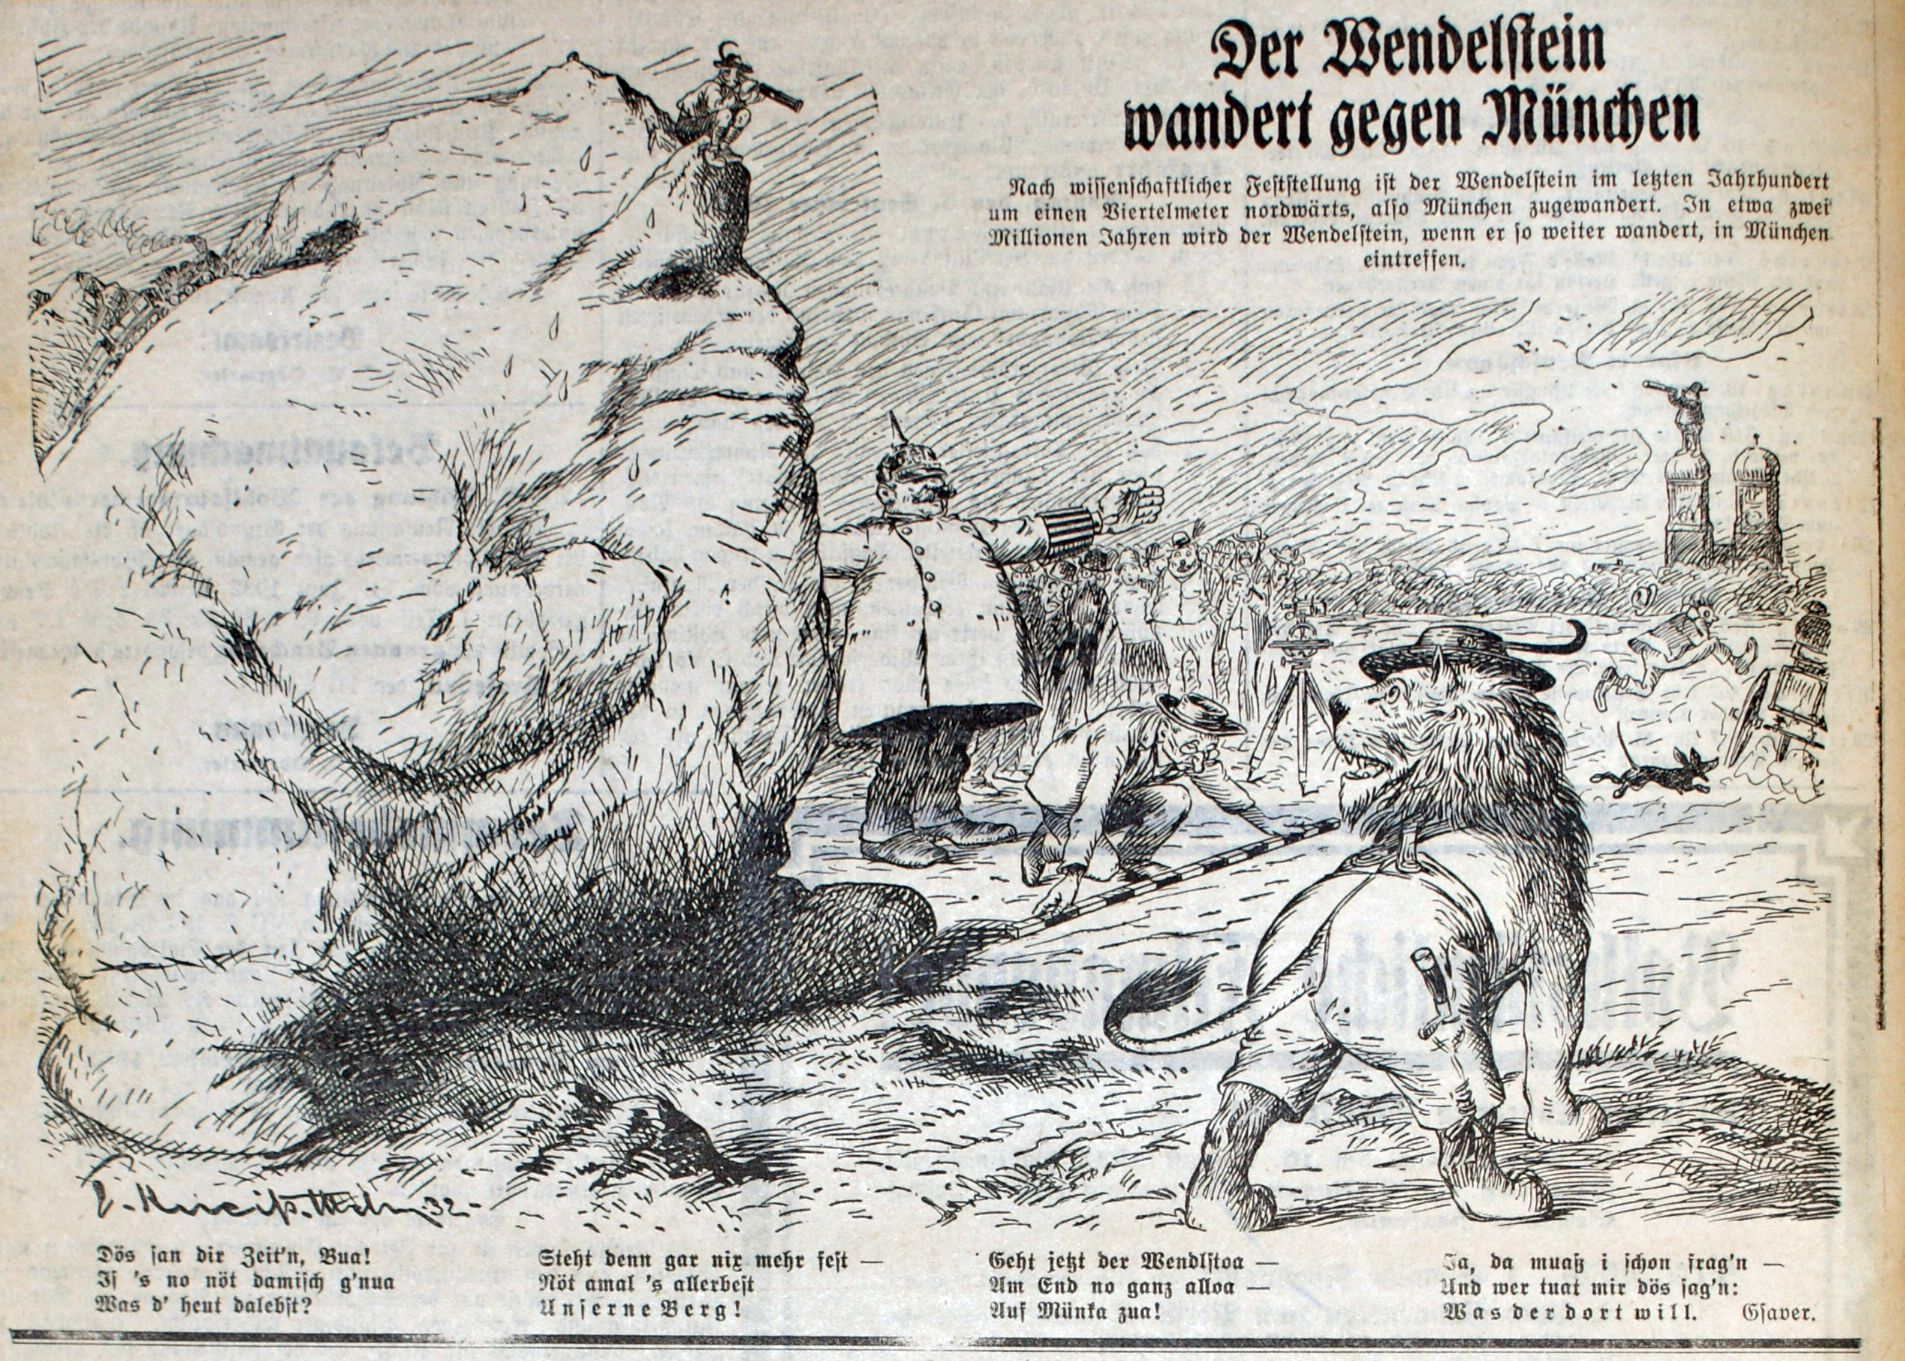 Bild: Der Wendelstein wandert gegen München